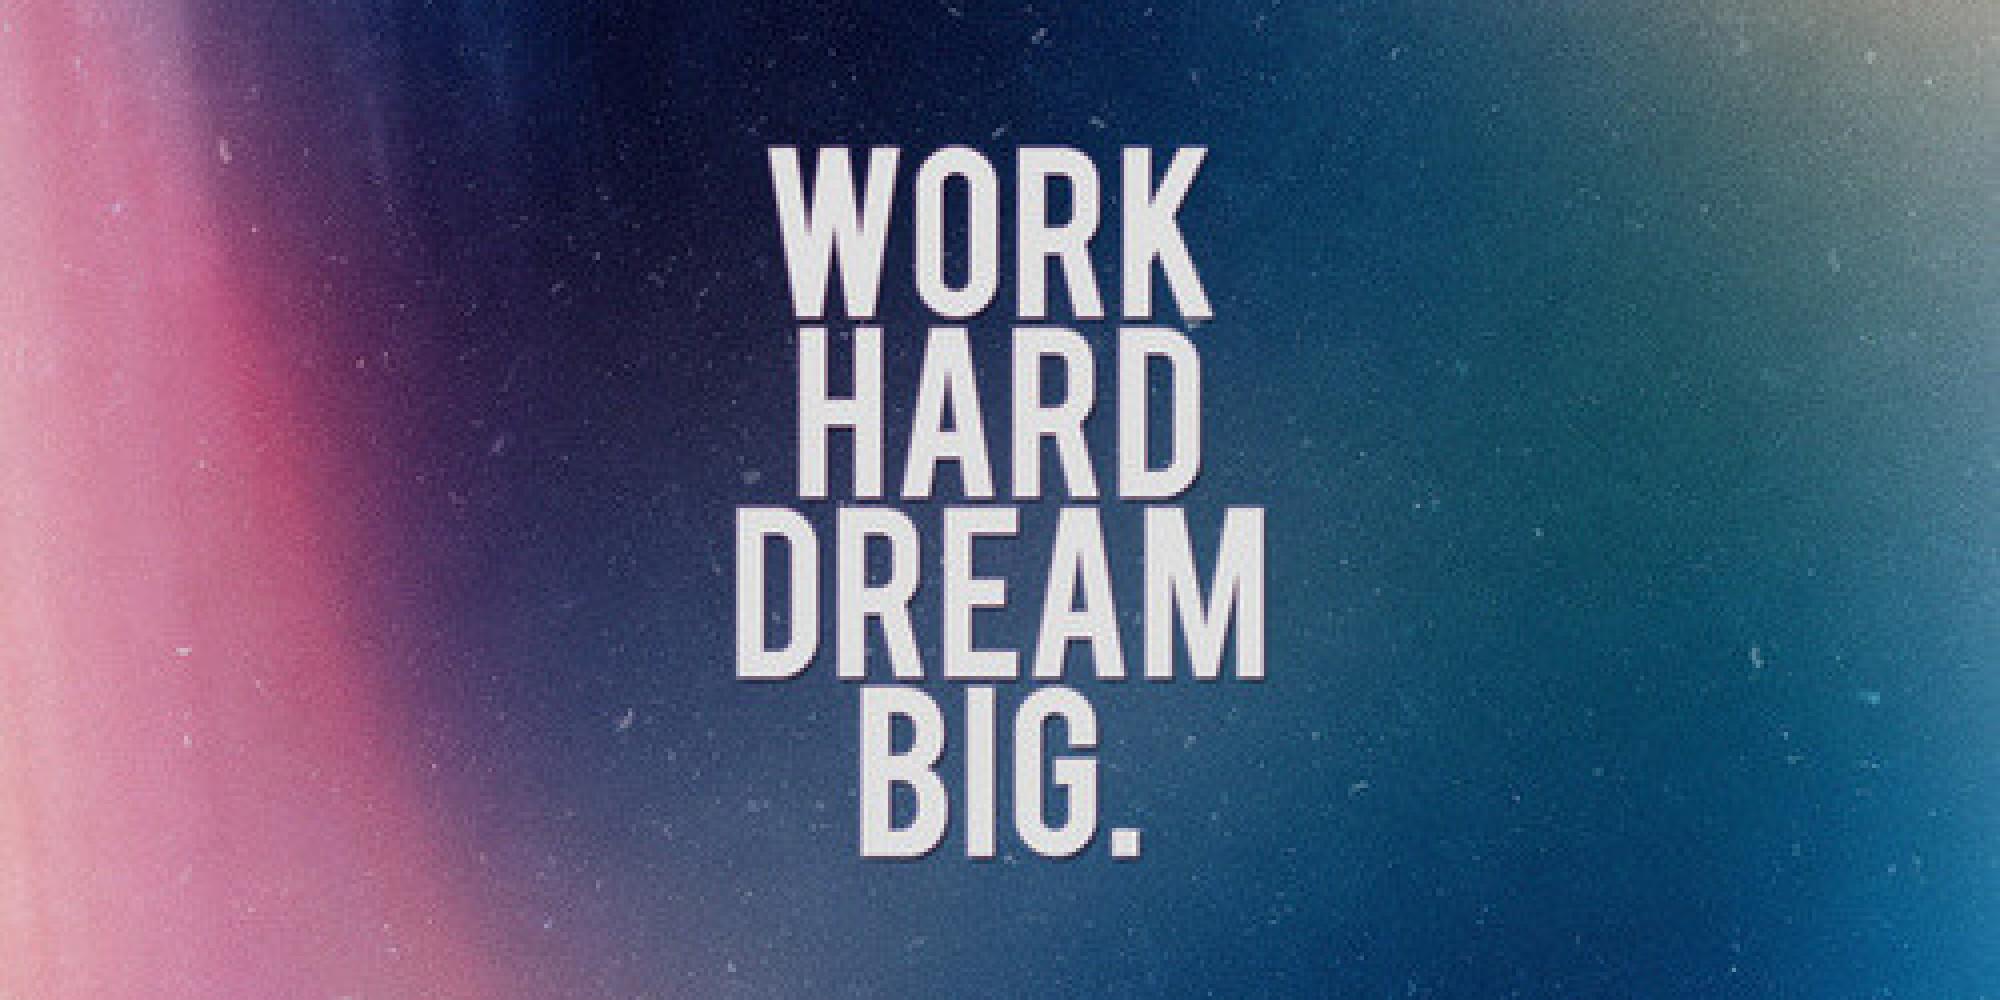 Dream Big Work Hard Quotes. QuotesGram